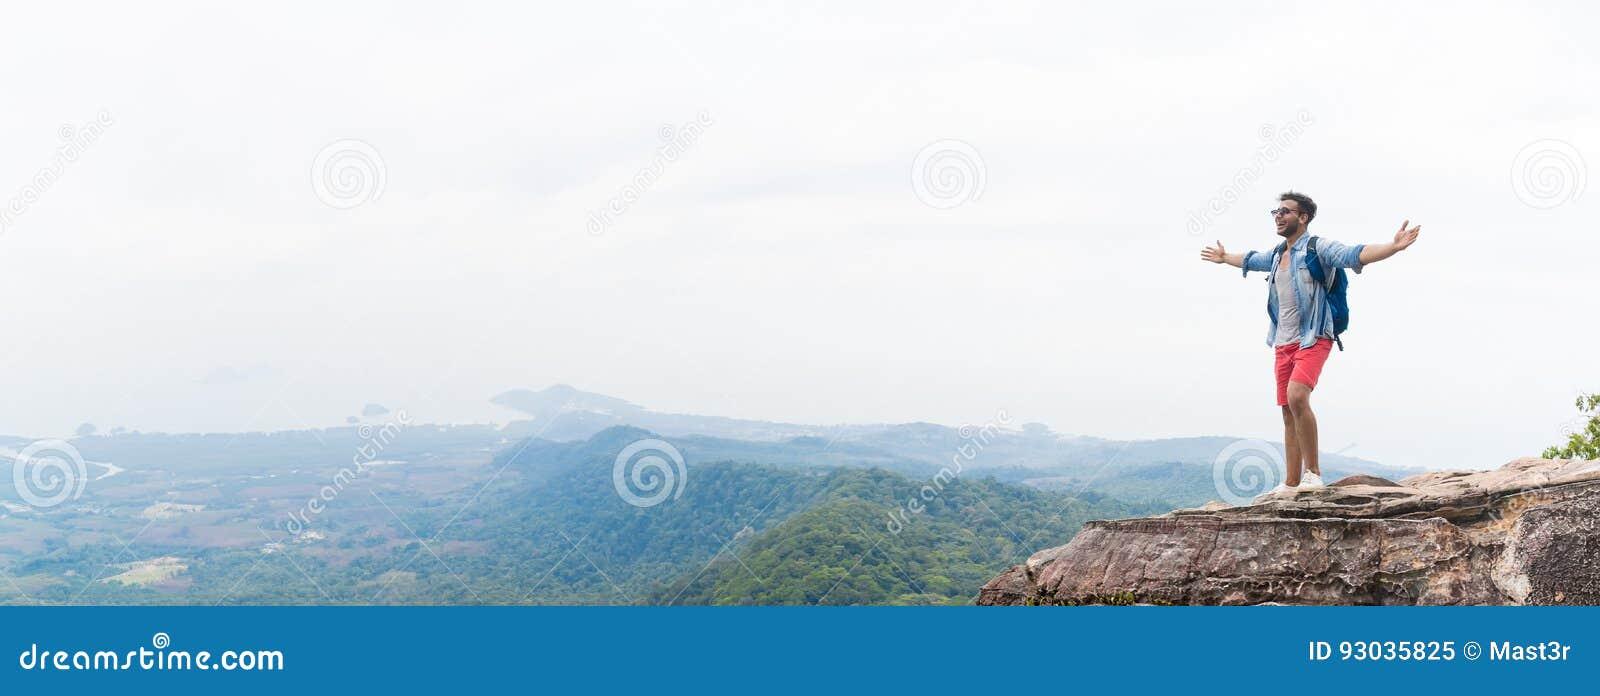 De mens op Berg Piek het Opheffen Handen met Rugzakken geniet van het Concept van de Landschapsvrijheid, Jong Guy Tourist